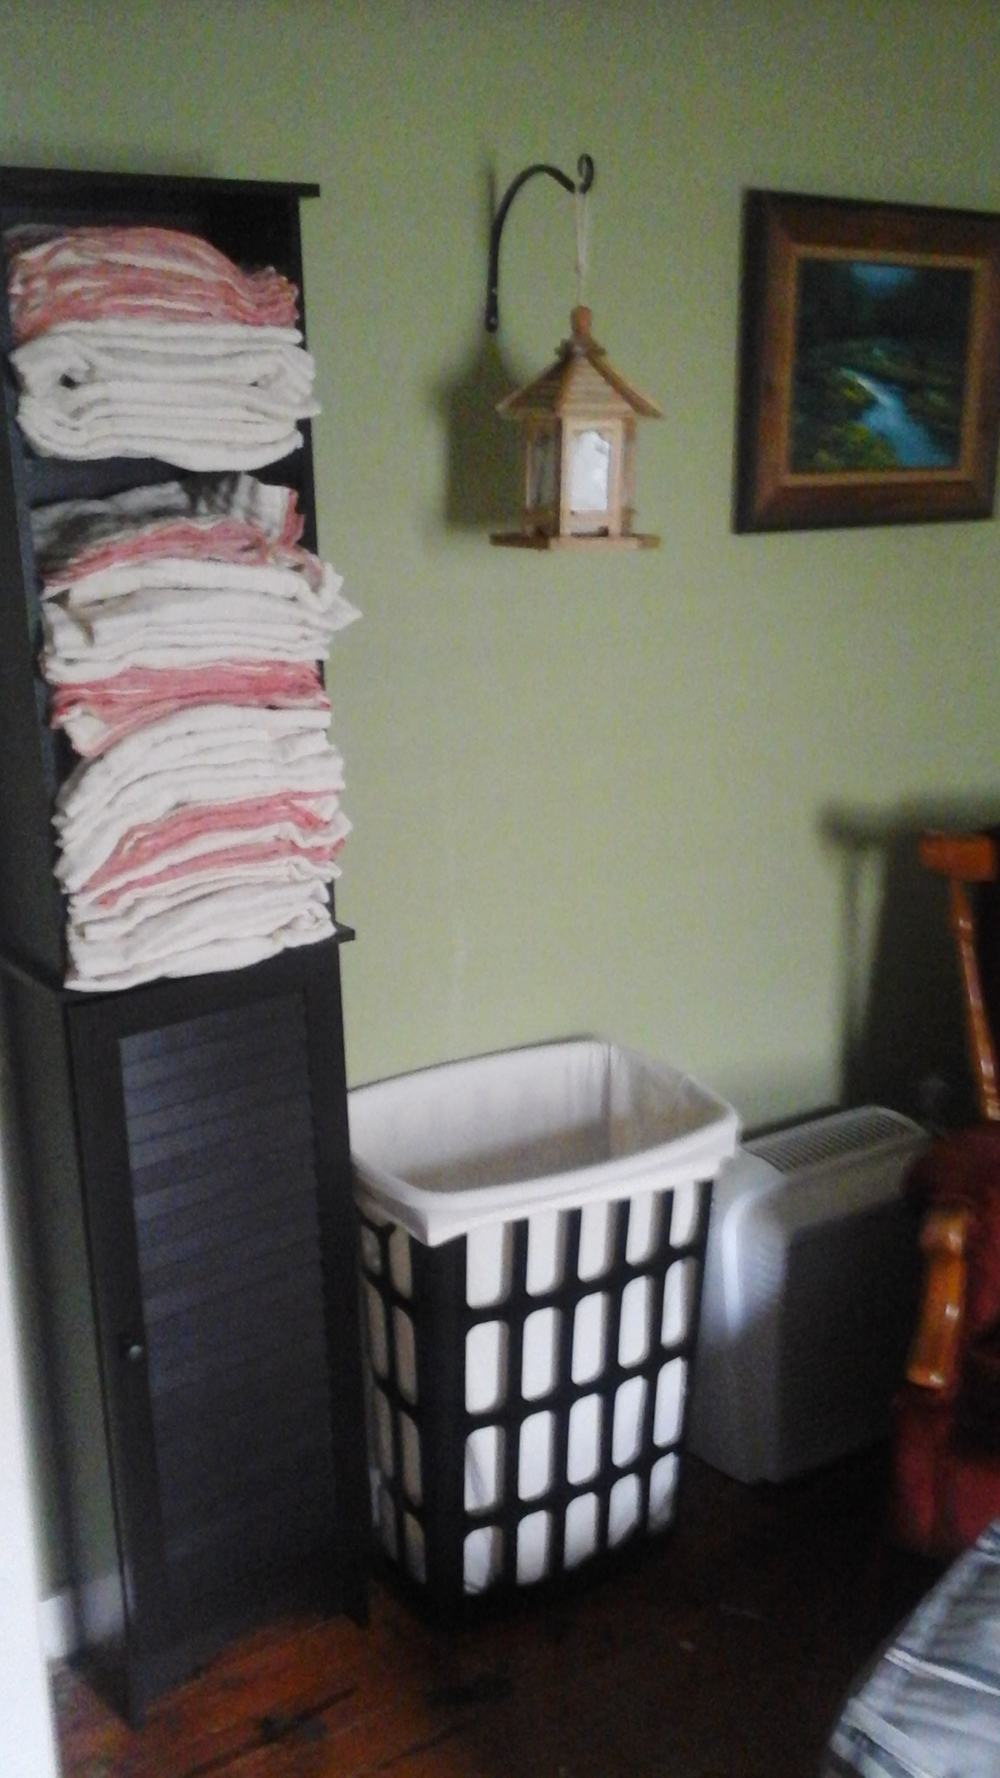 Lori's prefold setup